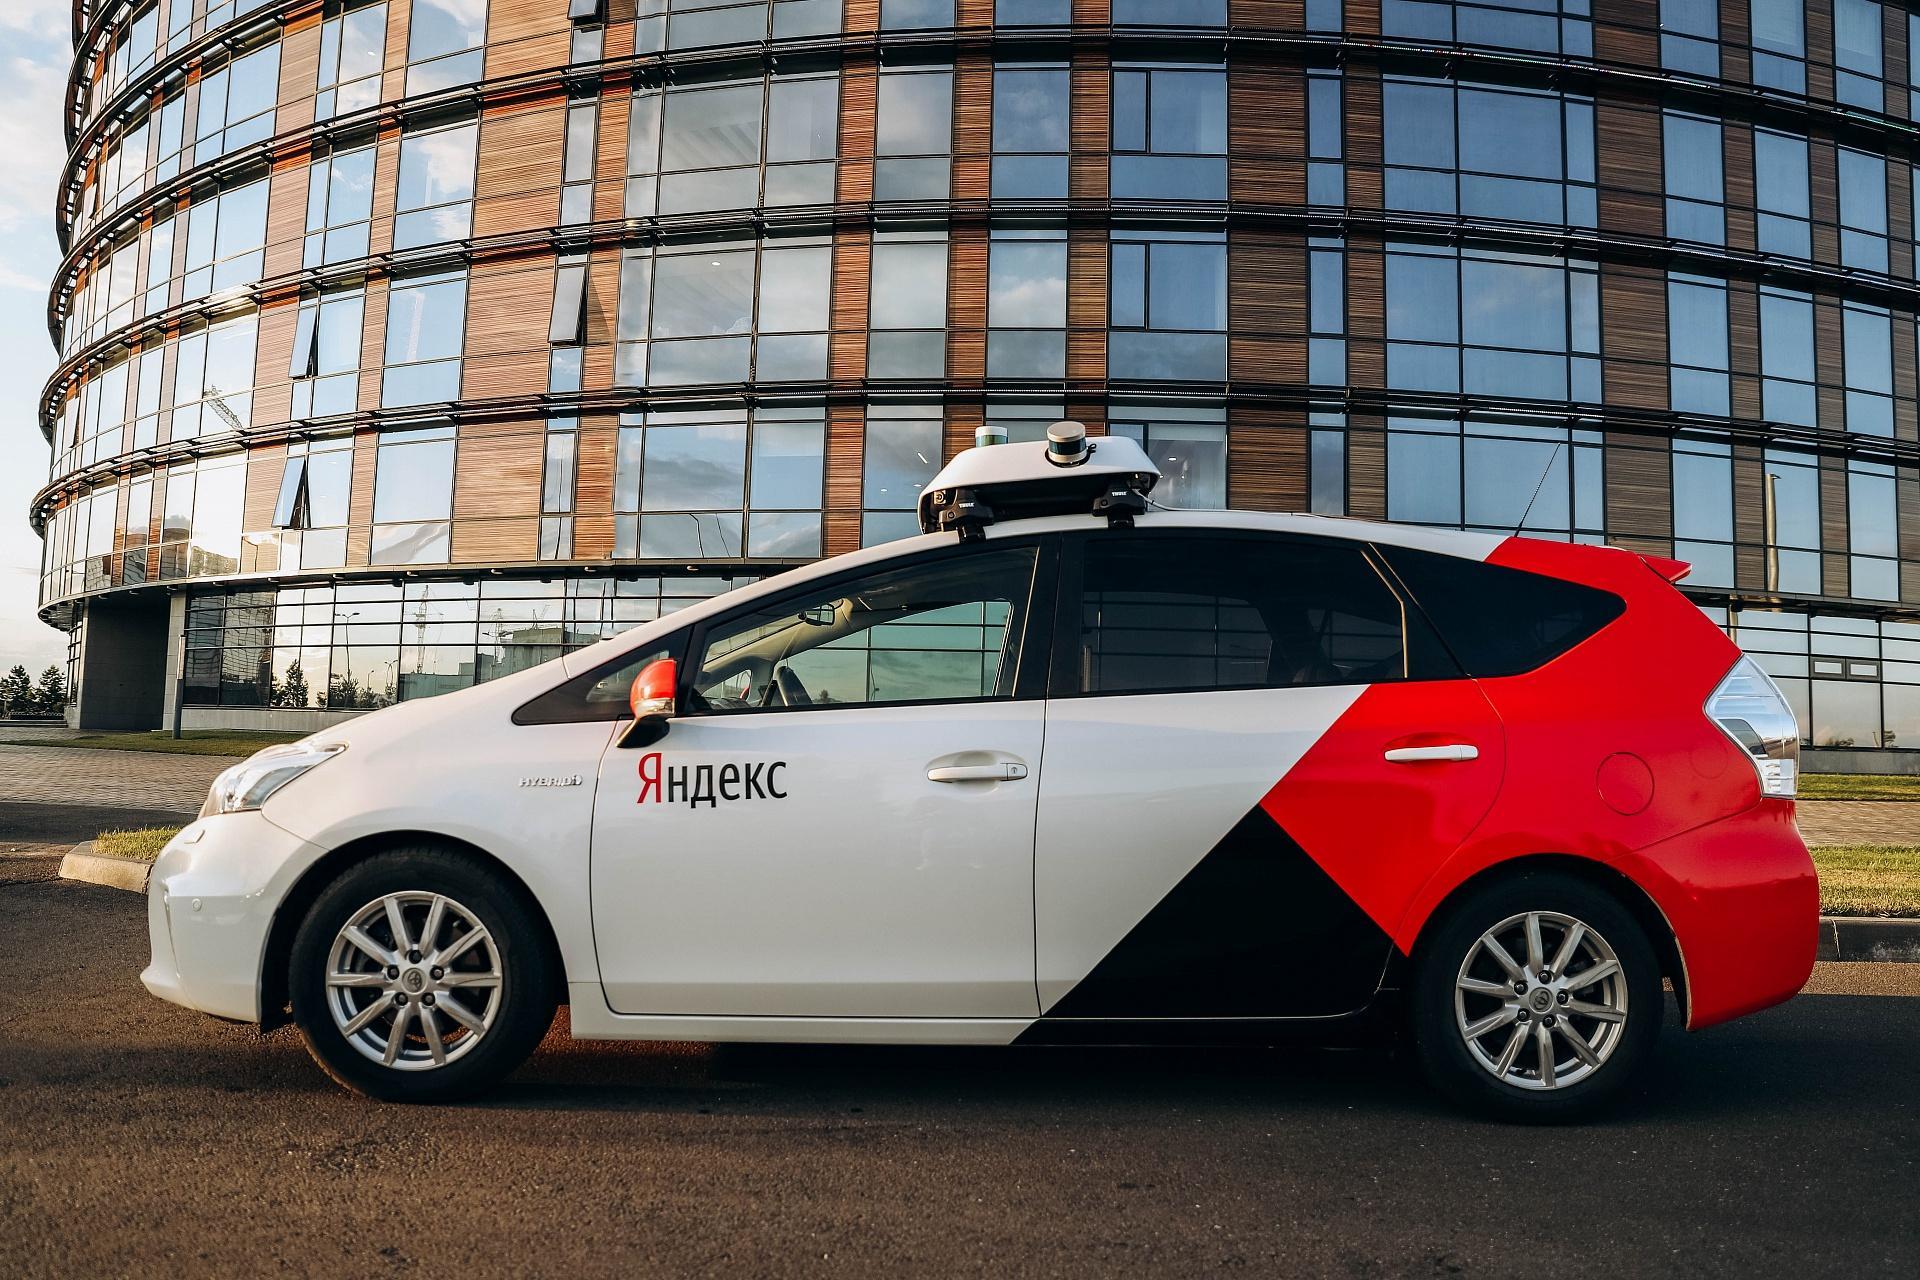 Машины с автопилотом для такси